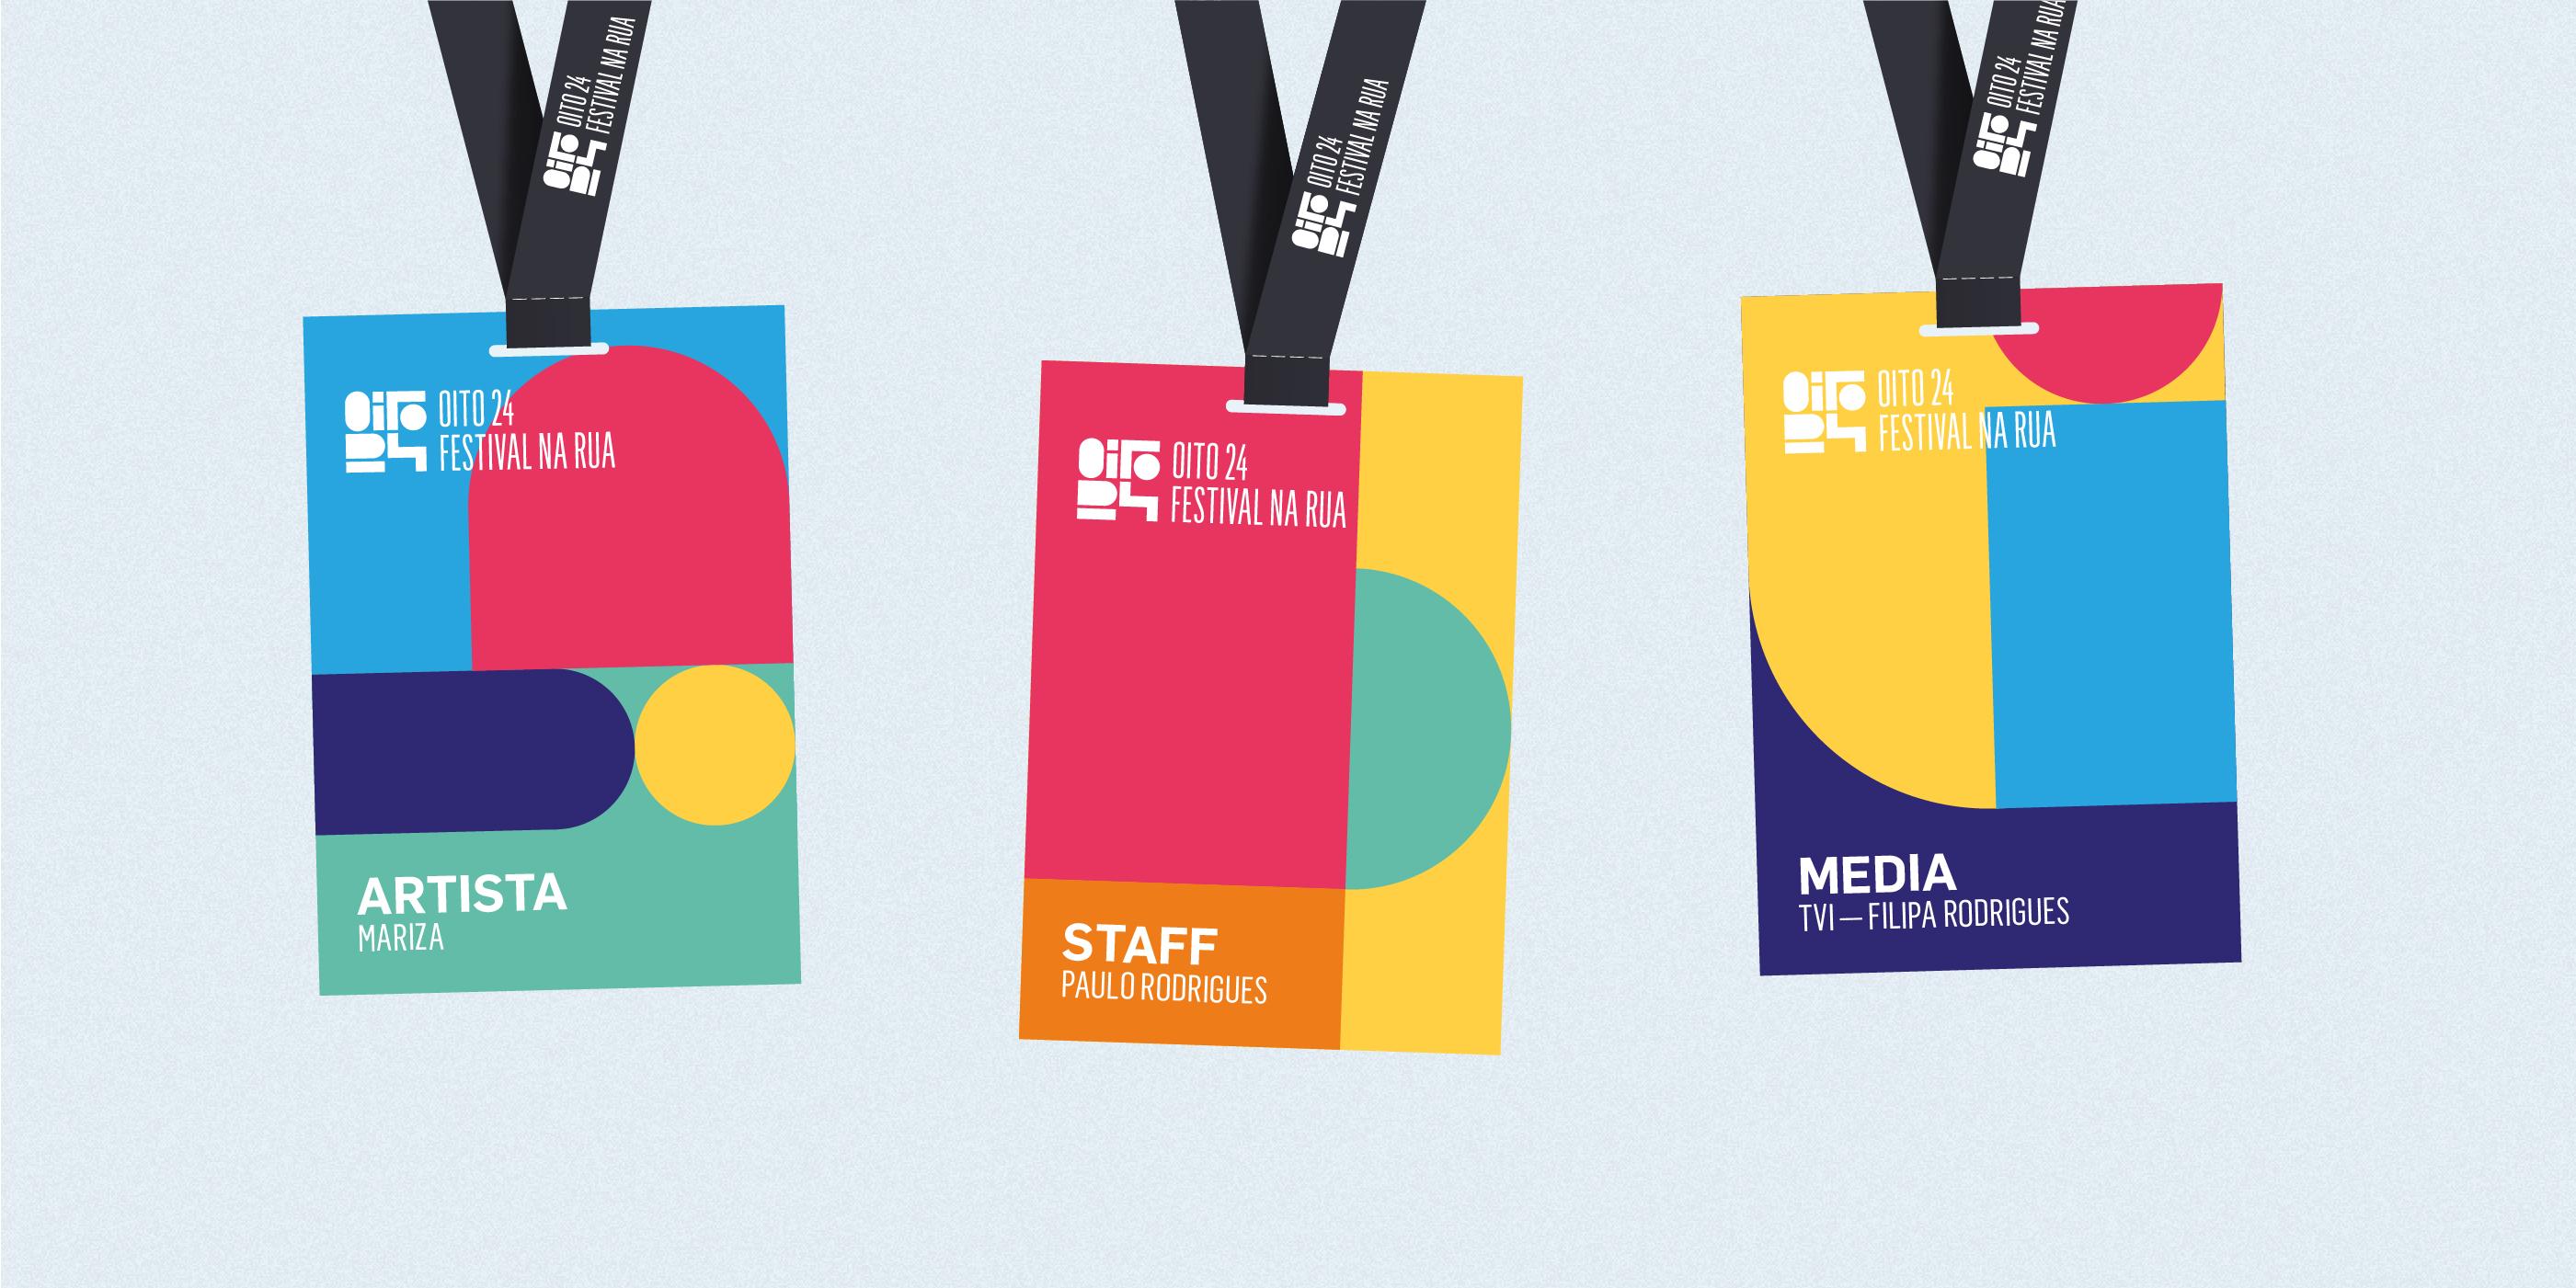 André Duarte Concept Branding for OITO 24 Festival